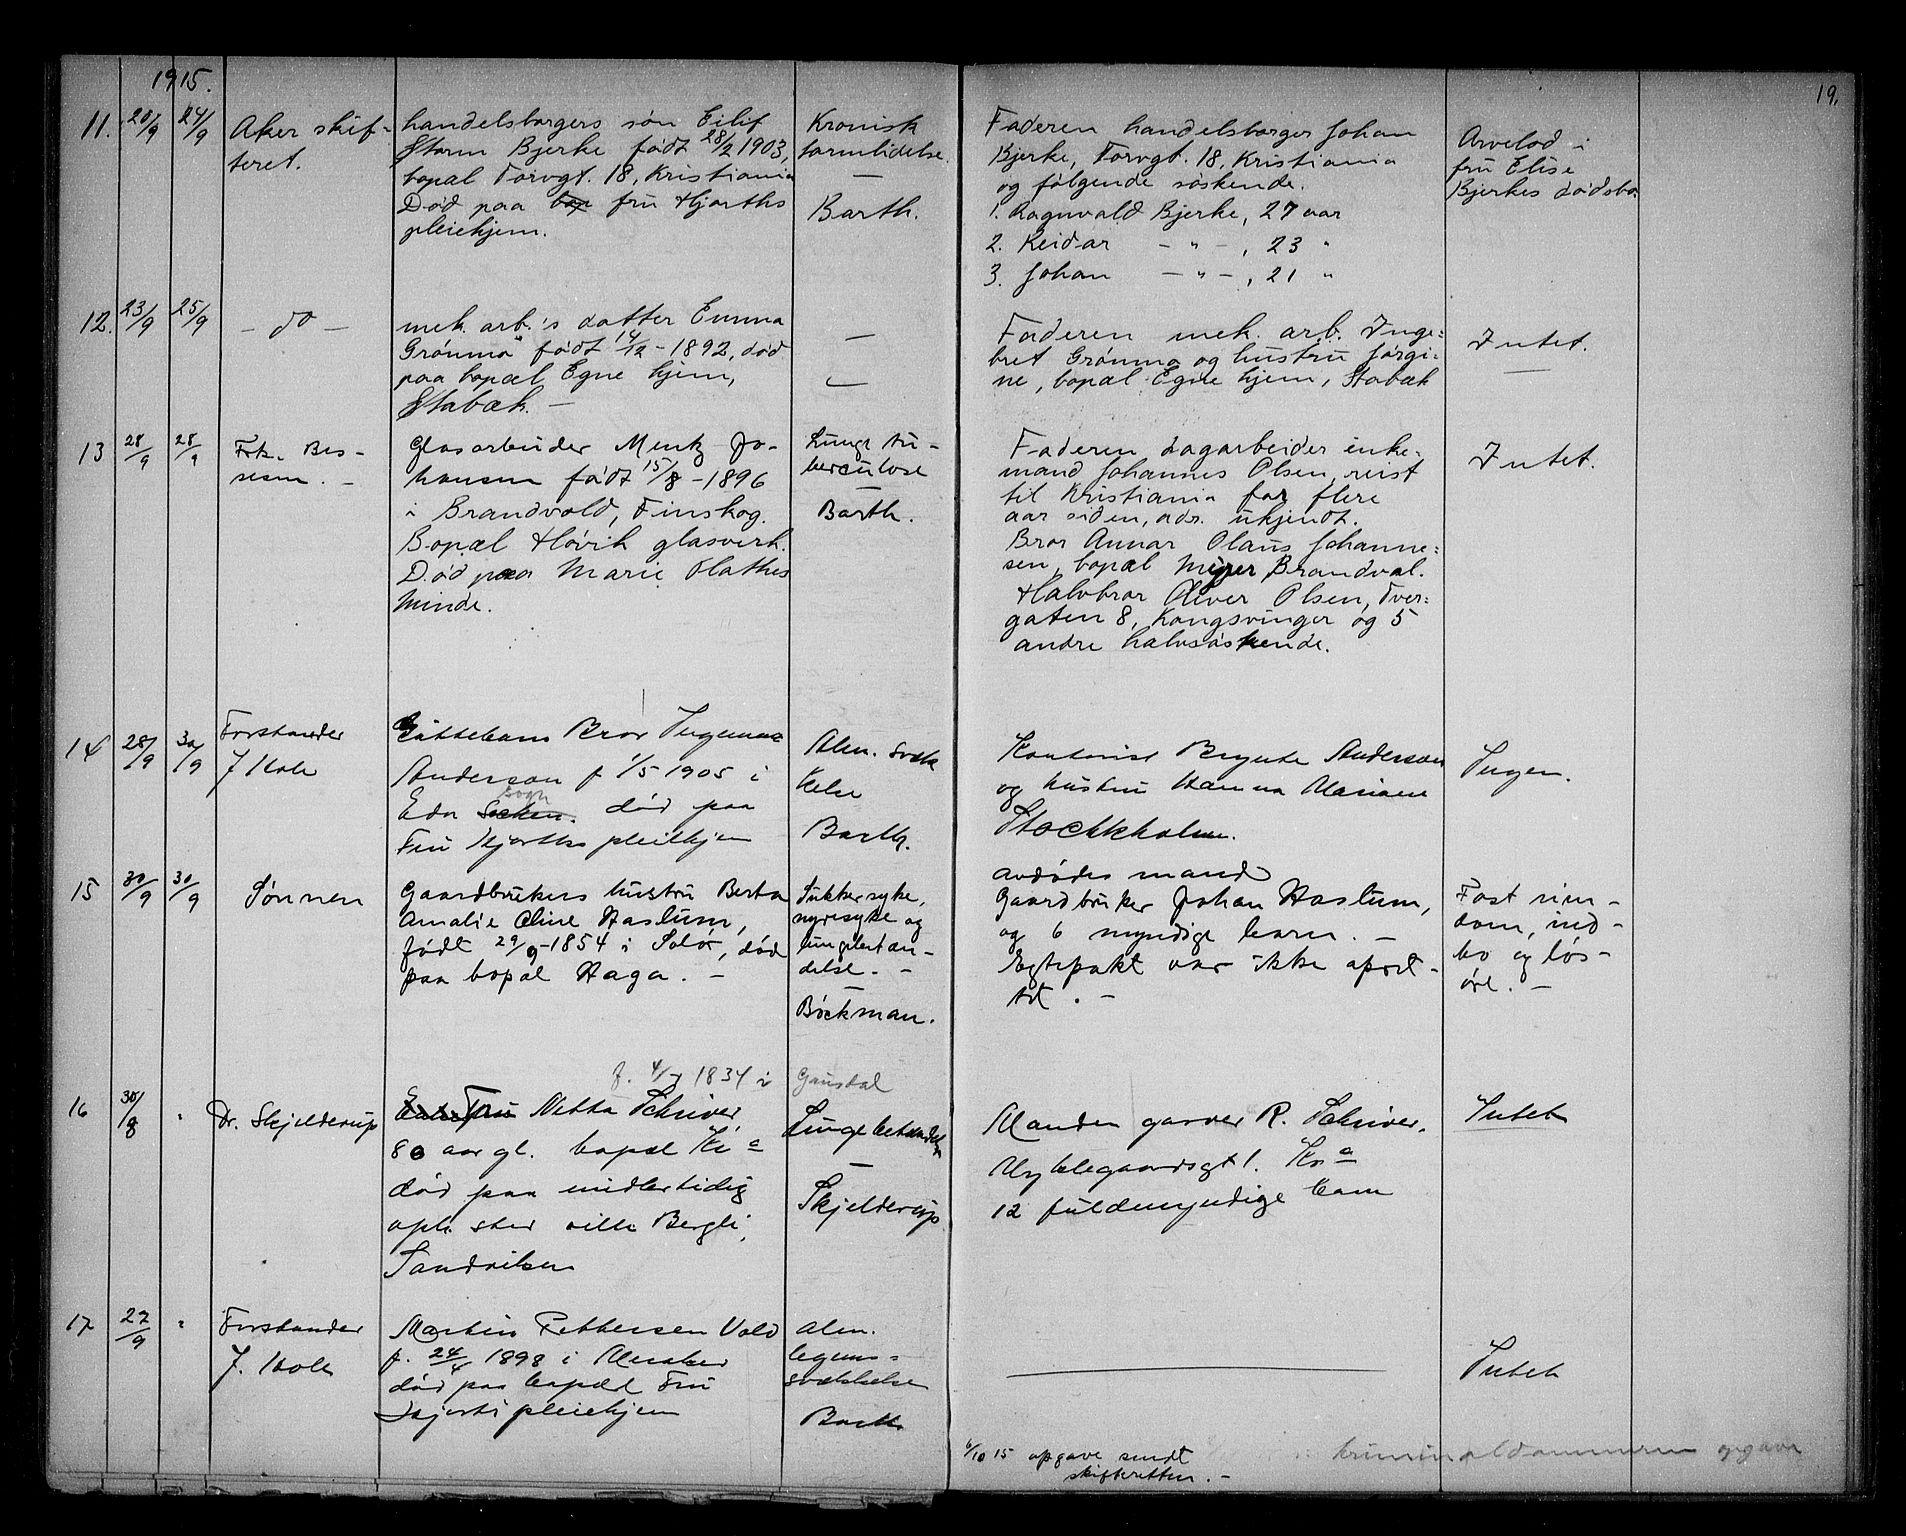 SAO, Bærum lensmannskontor, H/Ha/Haa/L0003: Dødsanmeldelsesprotokoll, 1914-1918, s. 19